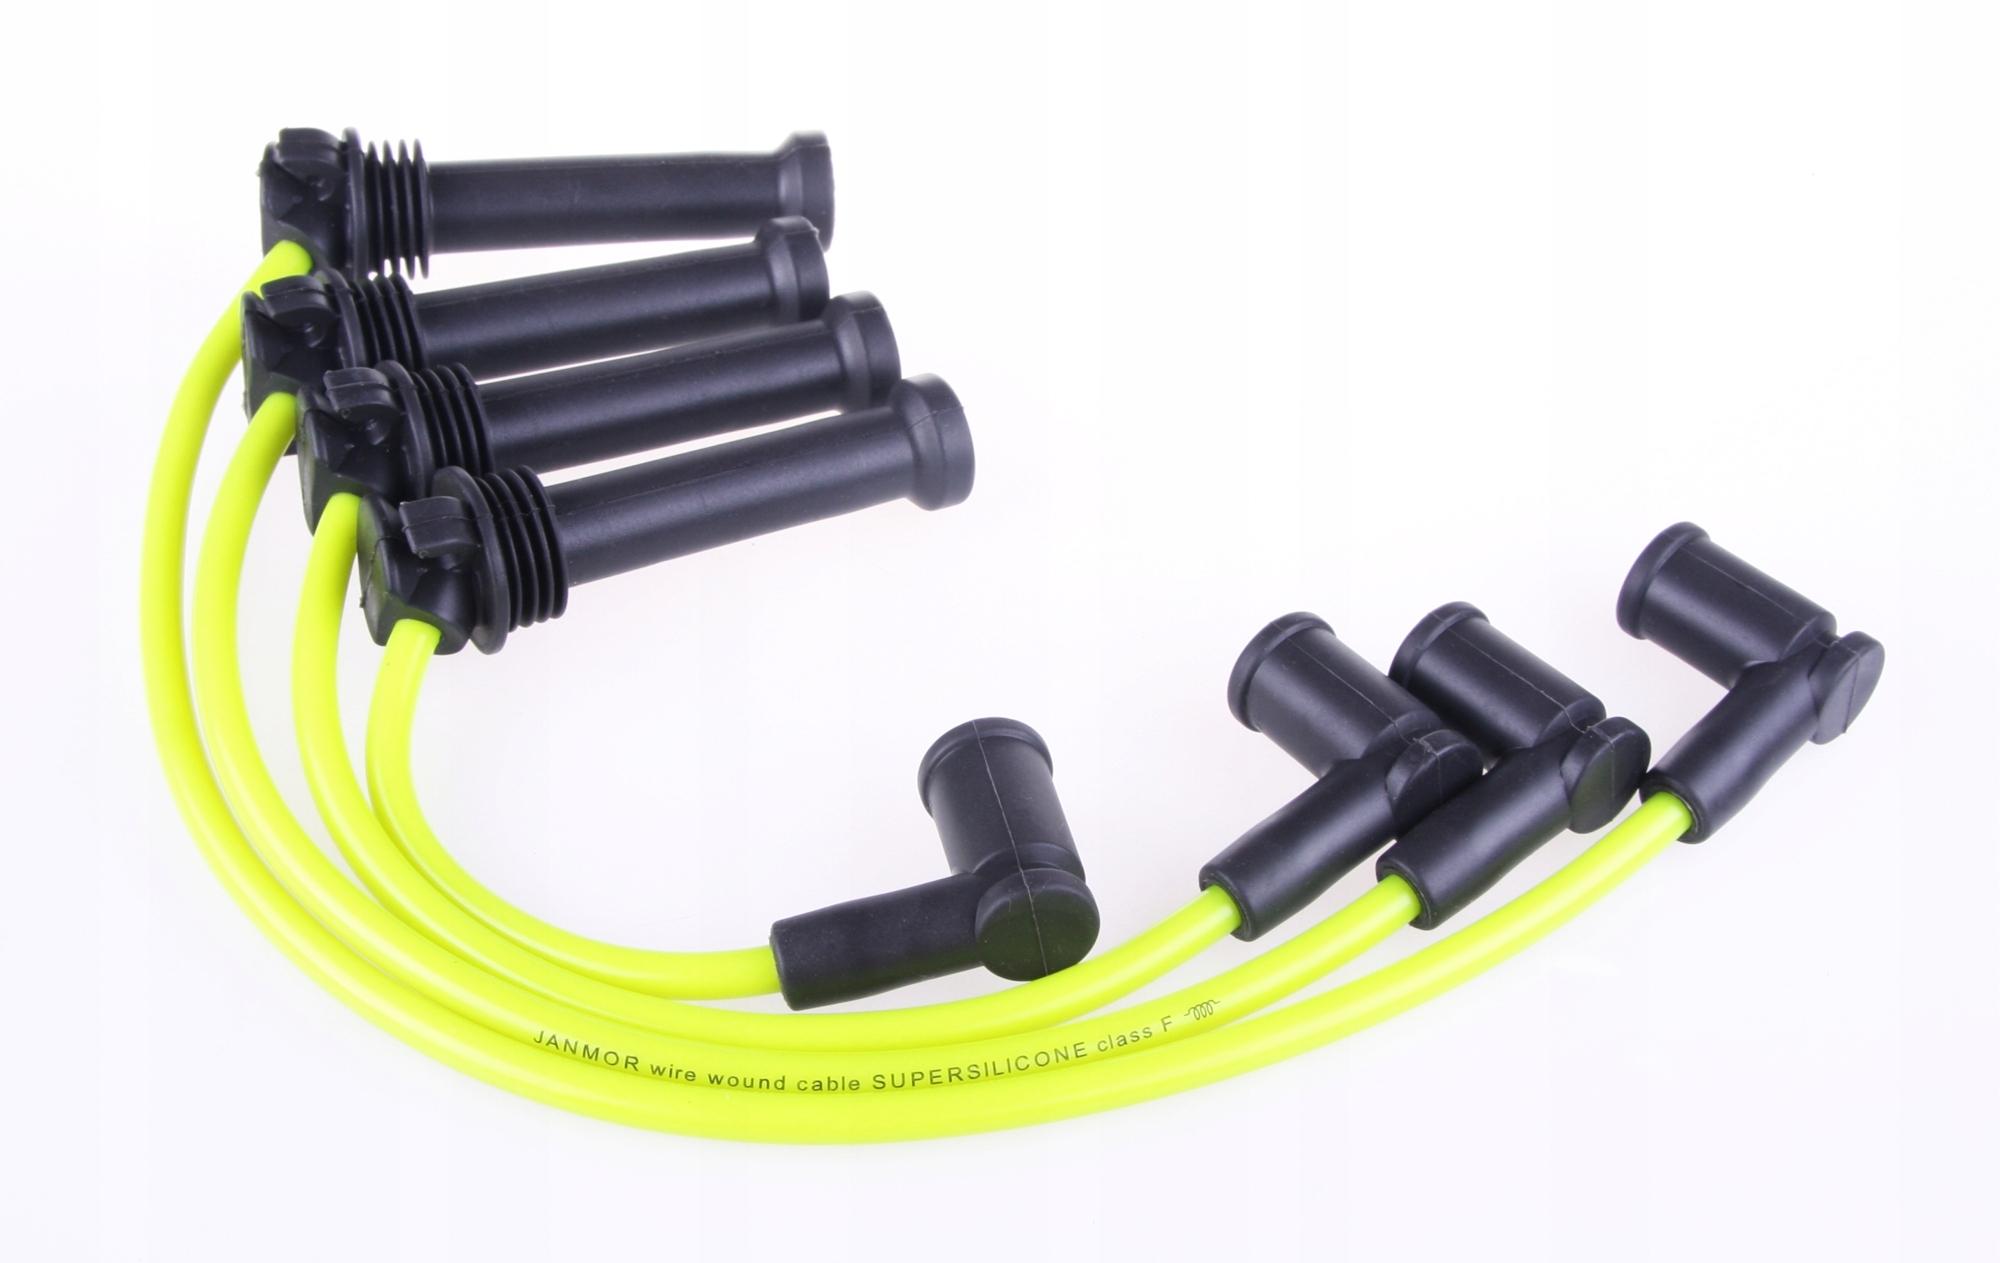 кабели зажигания volvo c30 s40 v50 тюнинг